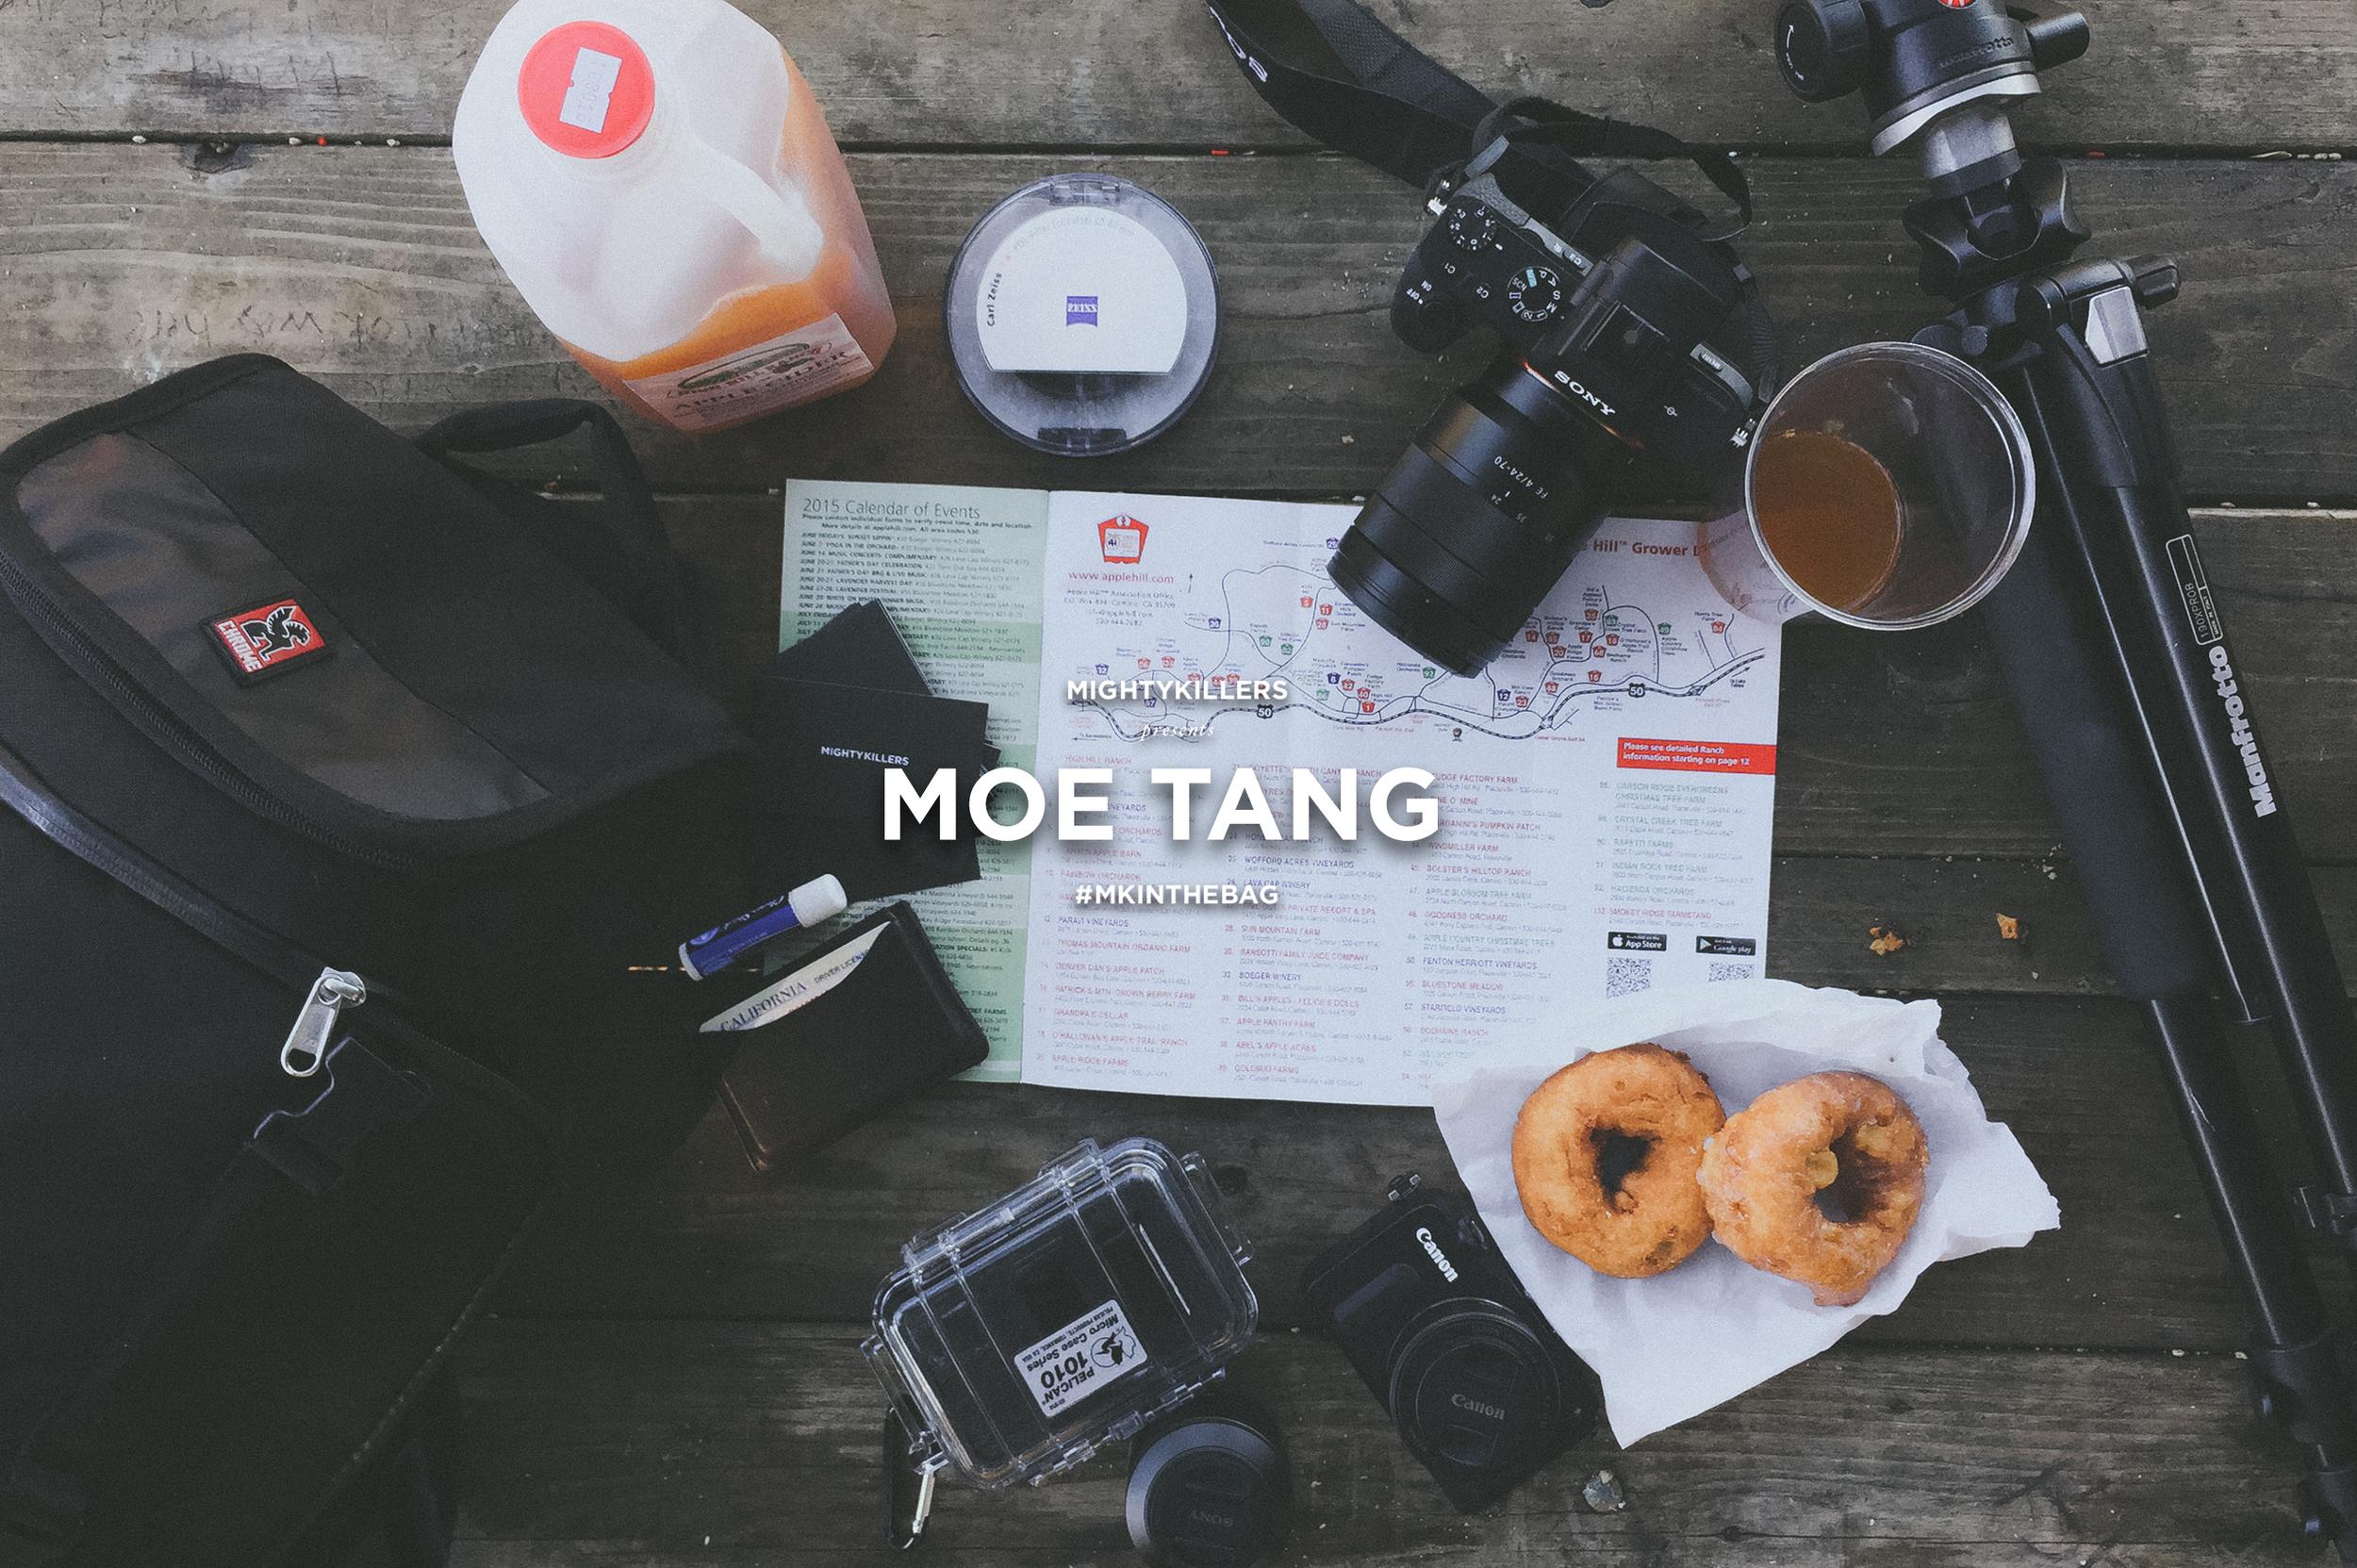 MK_itb_Moe.jpg